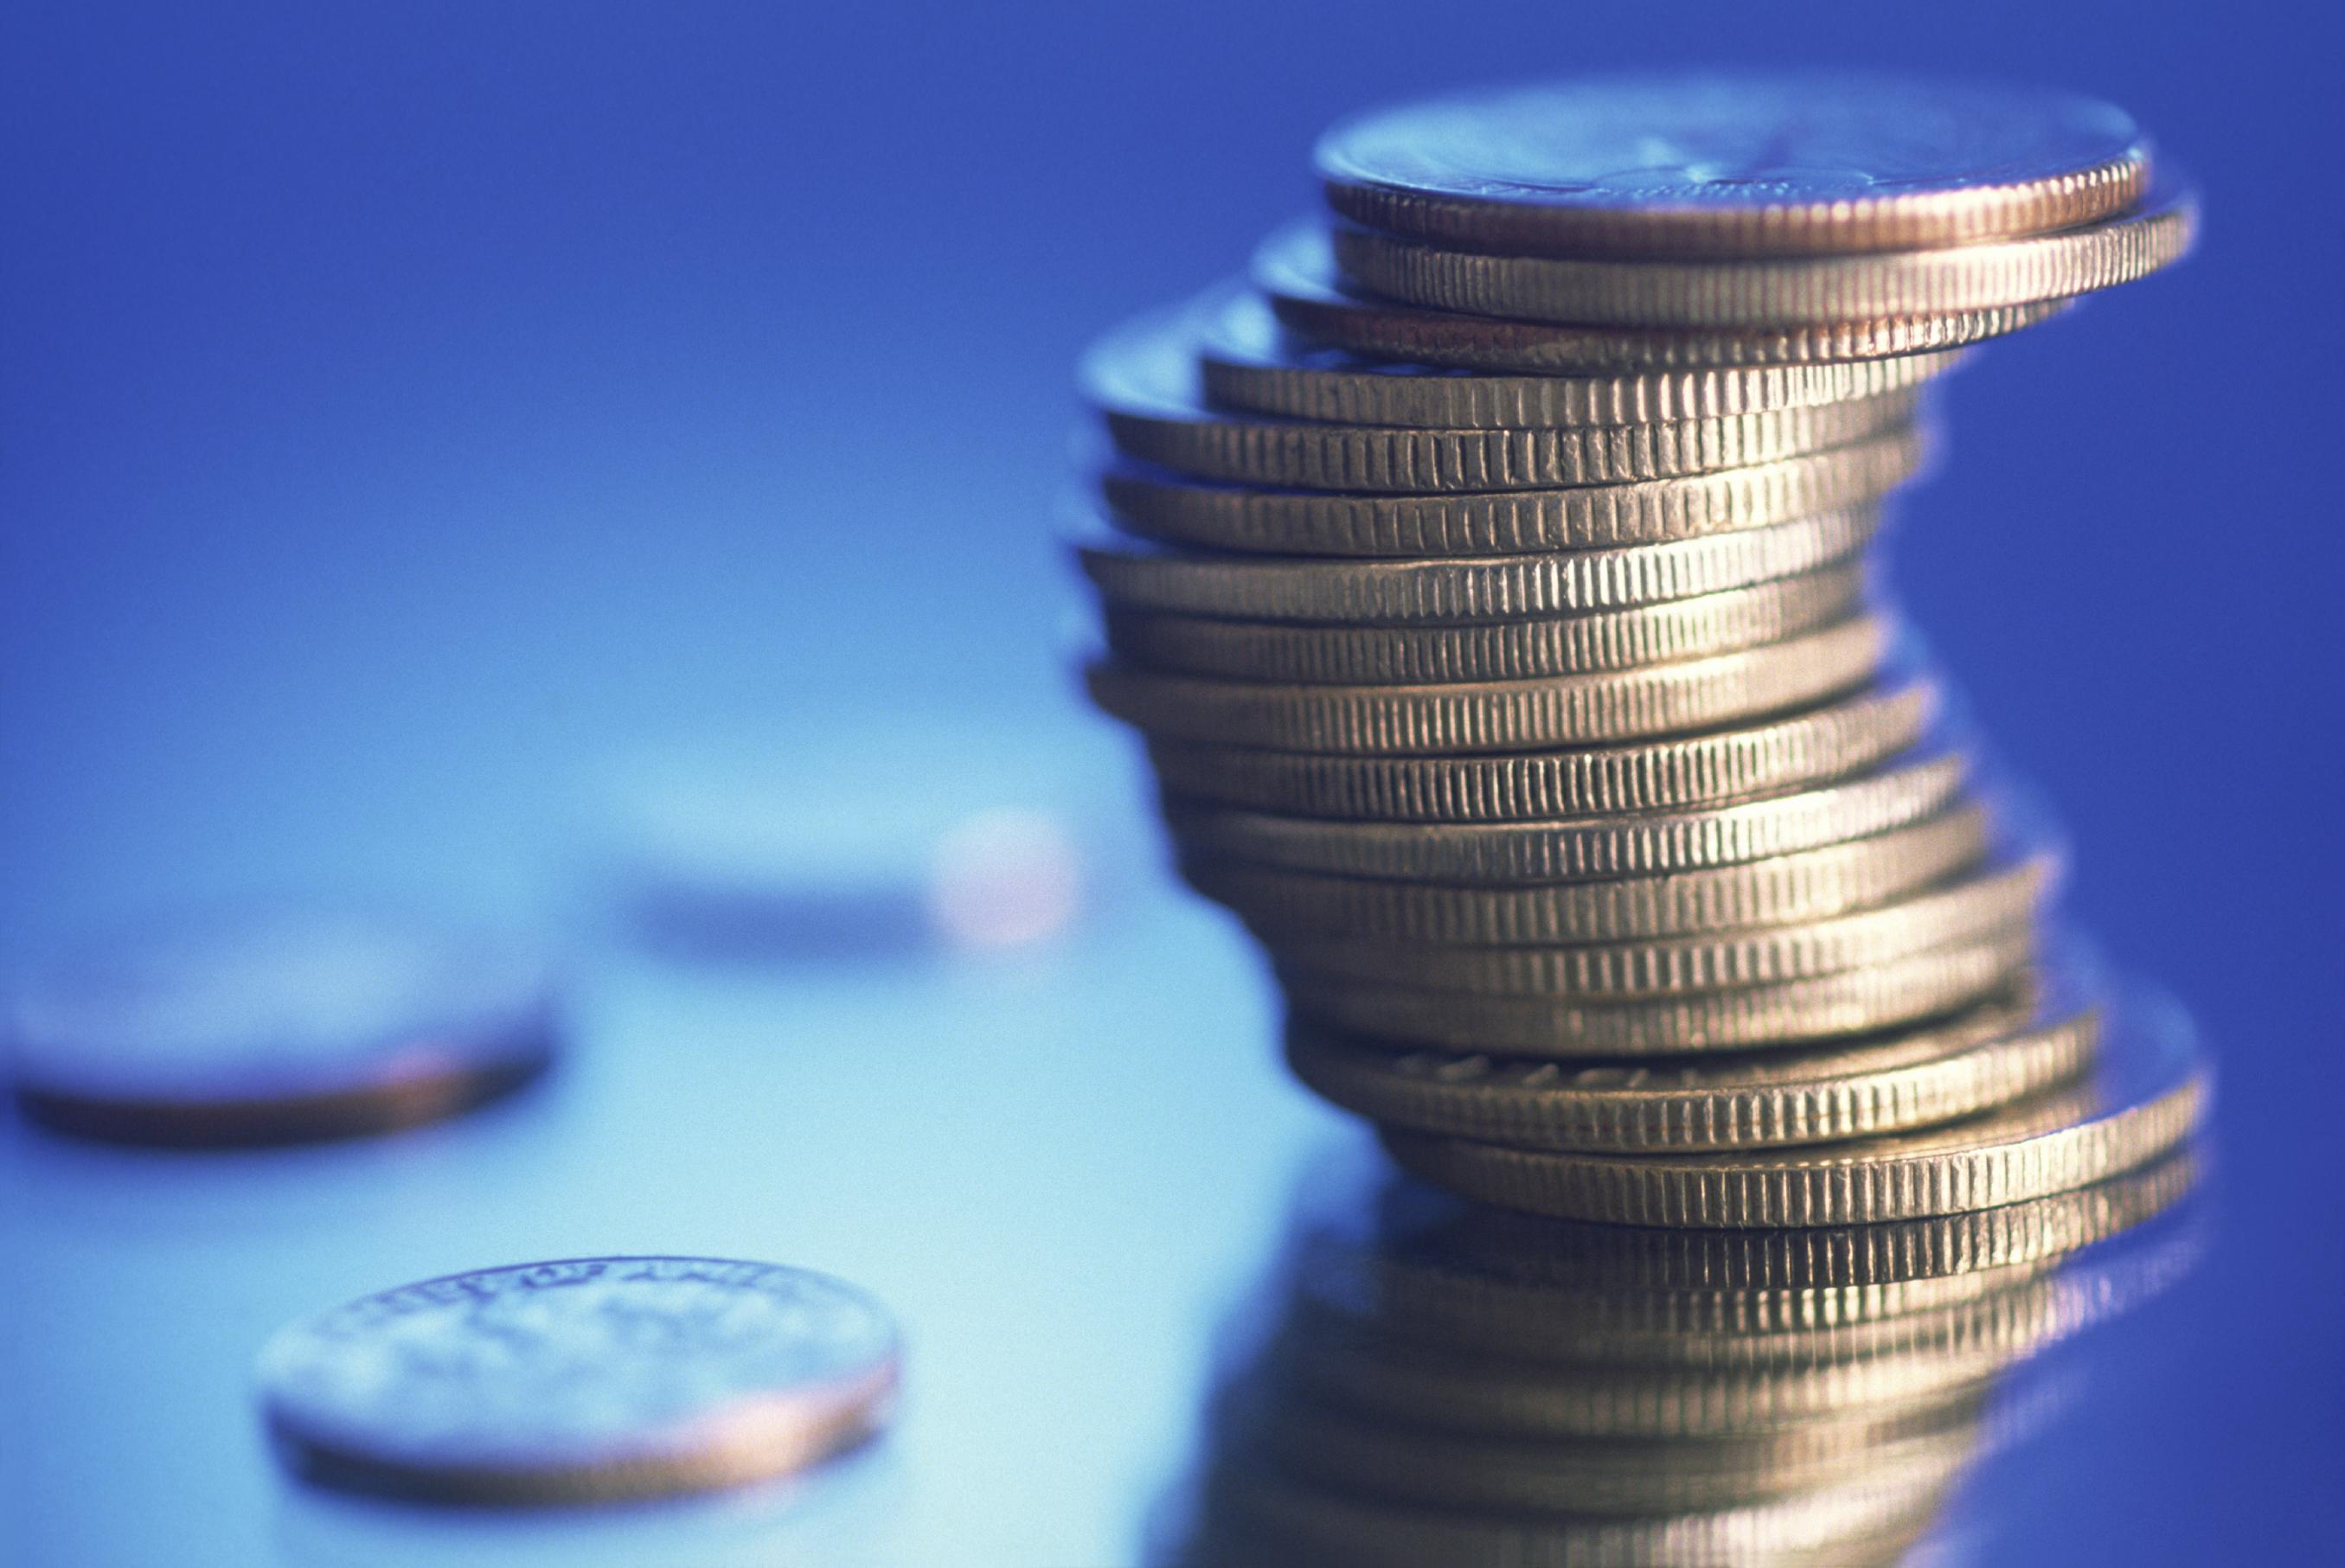 Le Cash-Flow Loan ou Prêt basé sur les flux monétaires : Une source de financement en pleine évolution